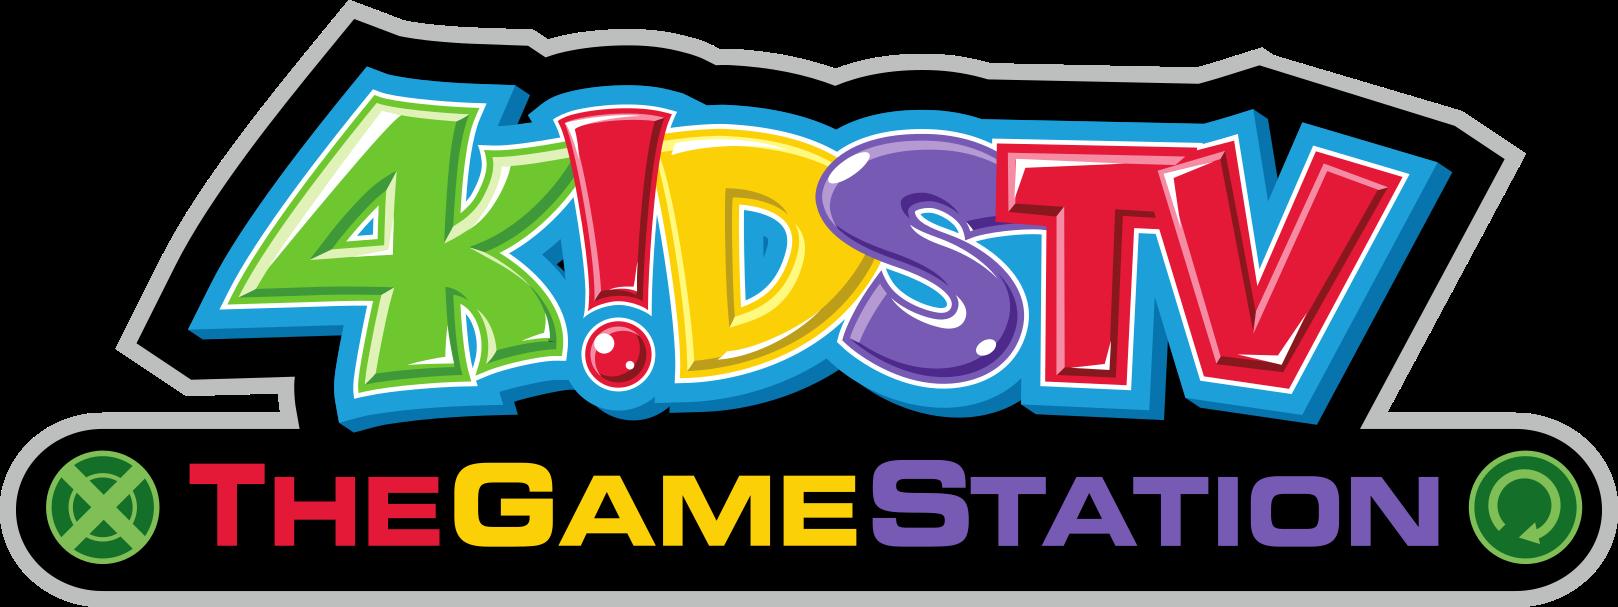 4KidsTV: The Game Station